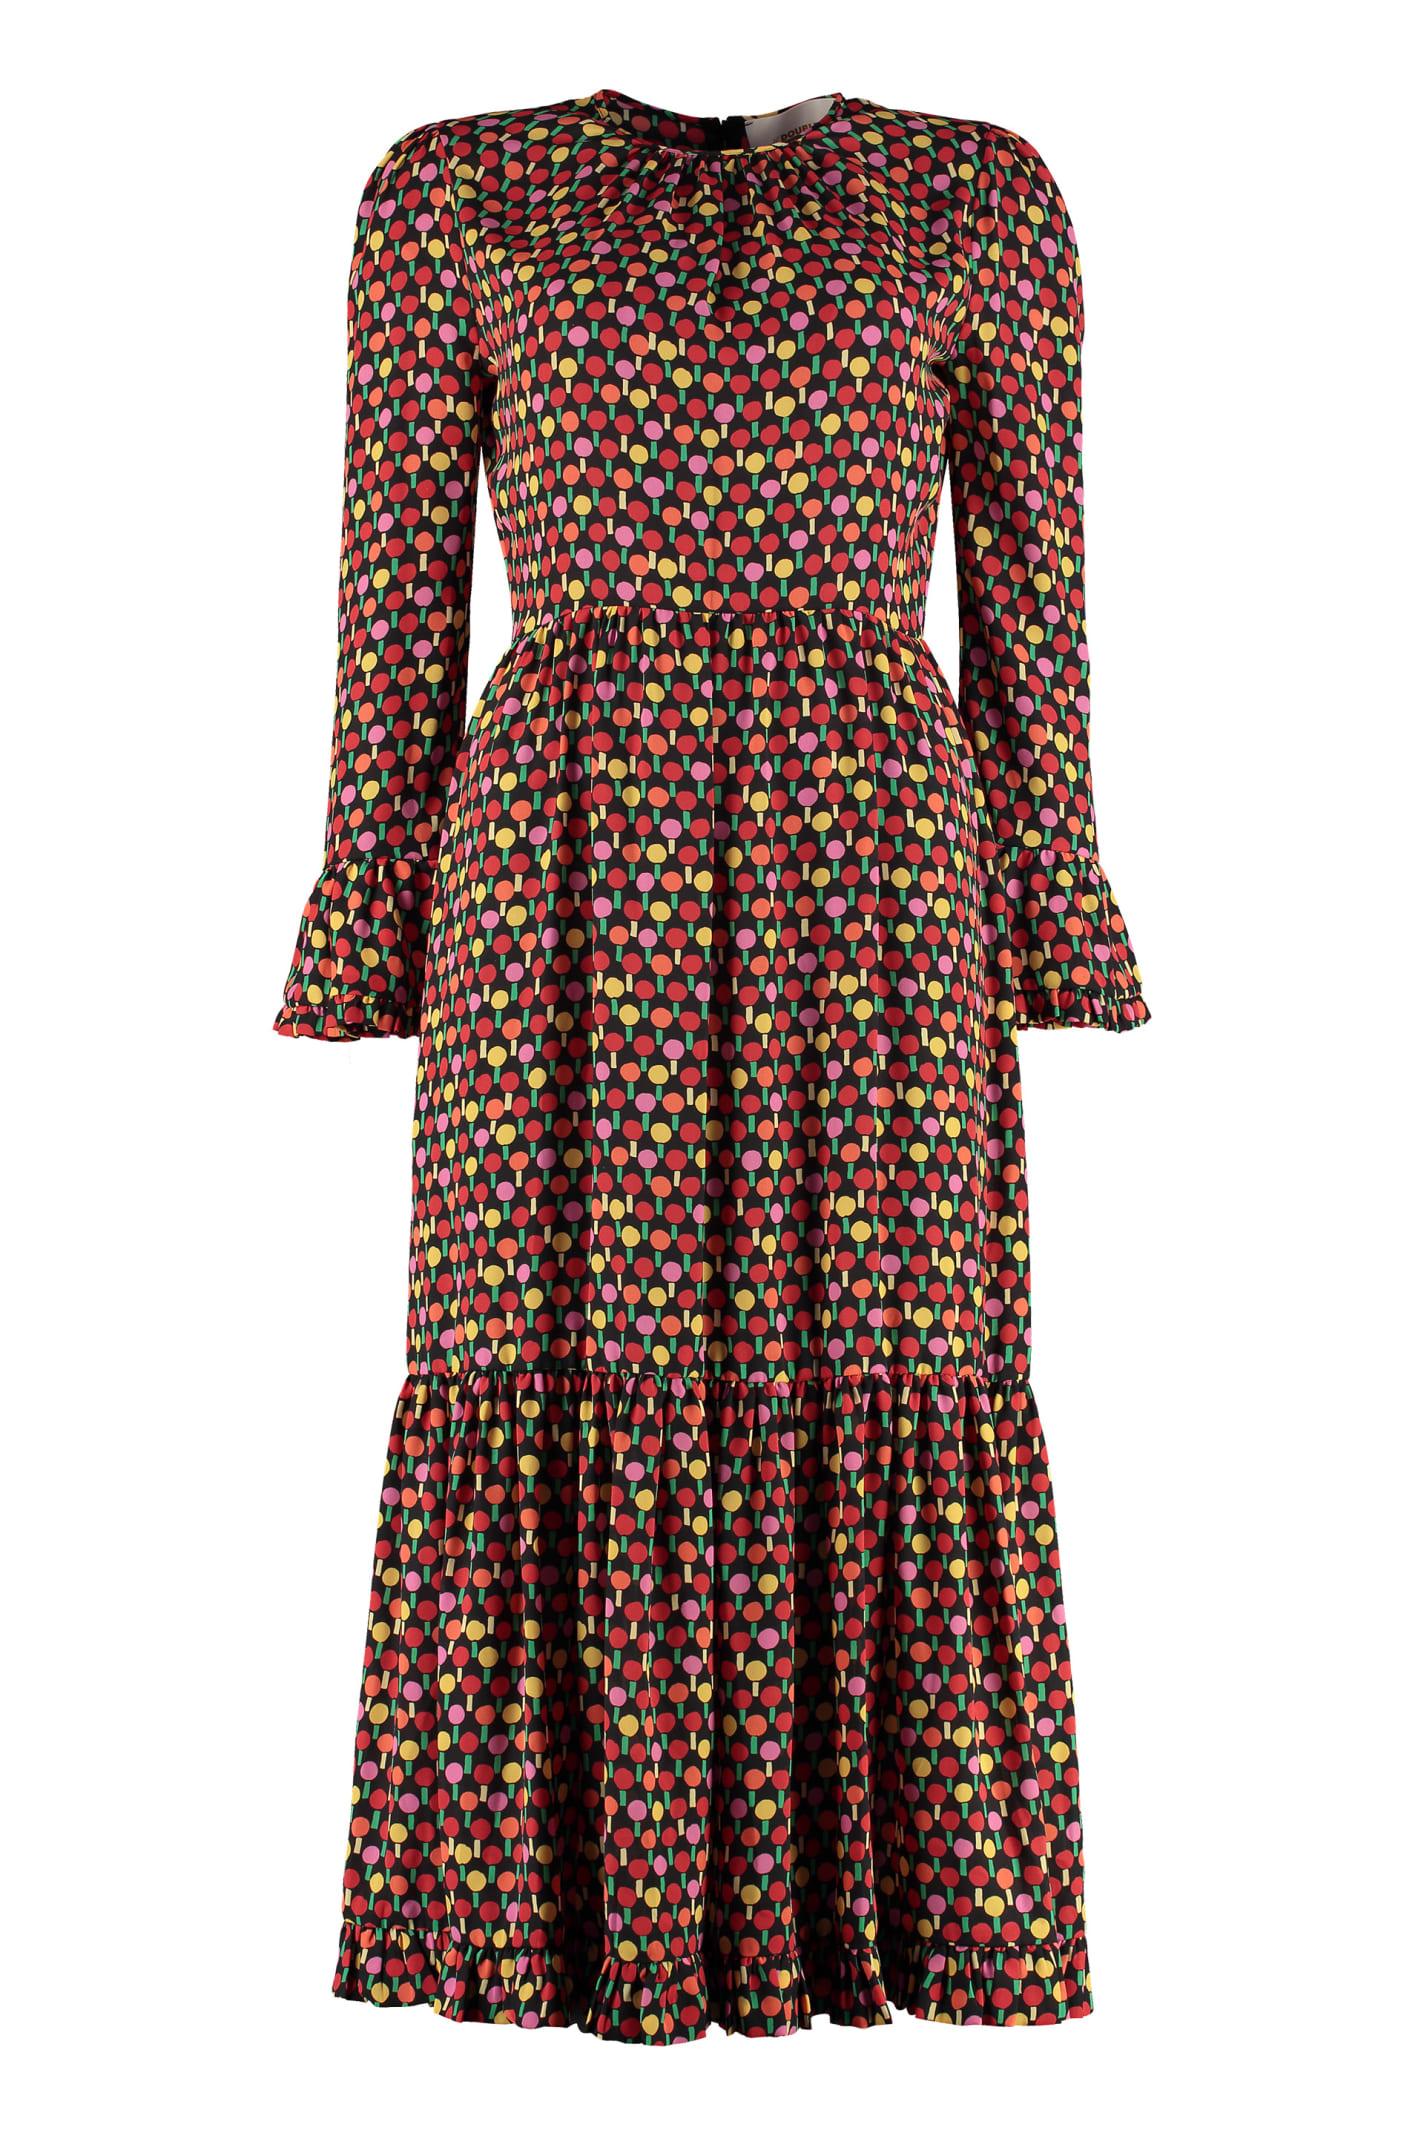 La DoubleJ Floral Print Crêpe Dress